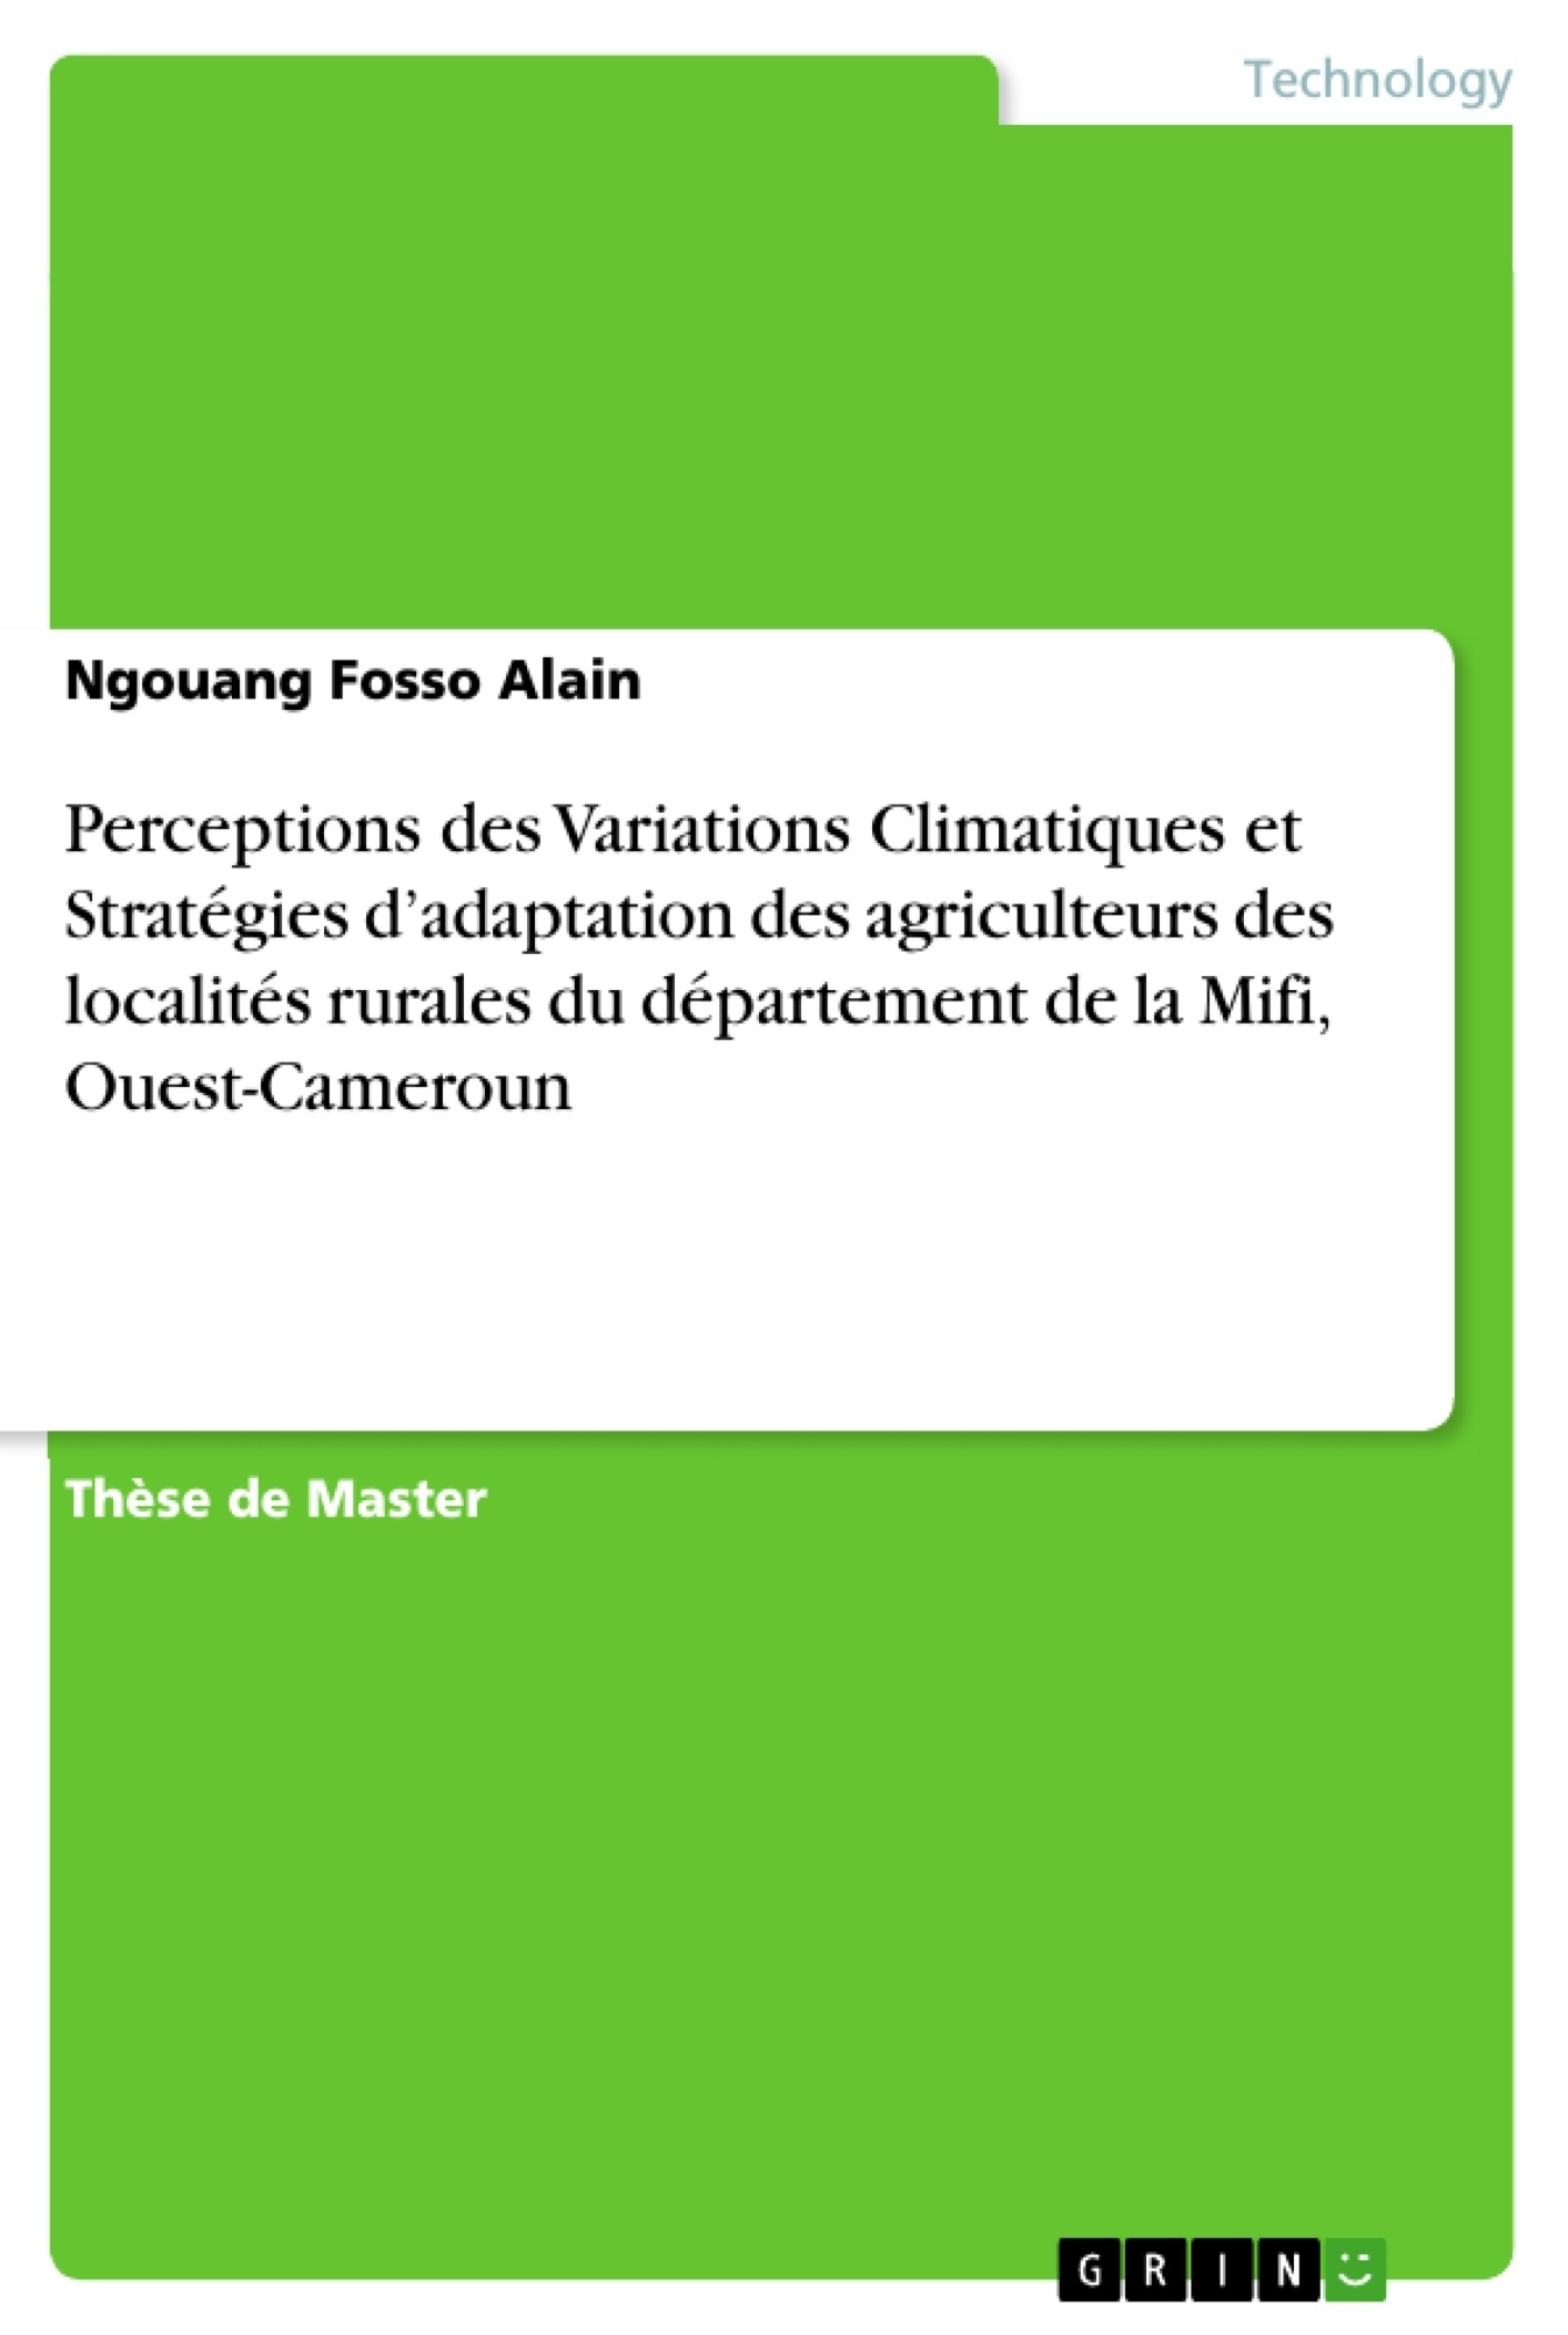 Titre: Perceptions des Variations Climatiques et Stratégies d'adaptation des agriculteurs des localités rurales du département de la Mifi, Ouest-Cameroun